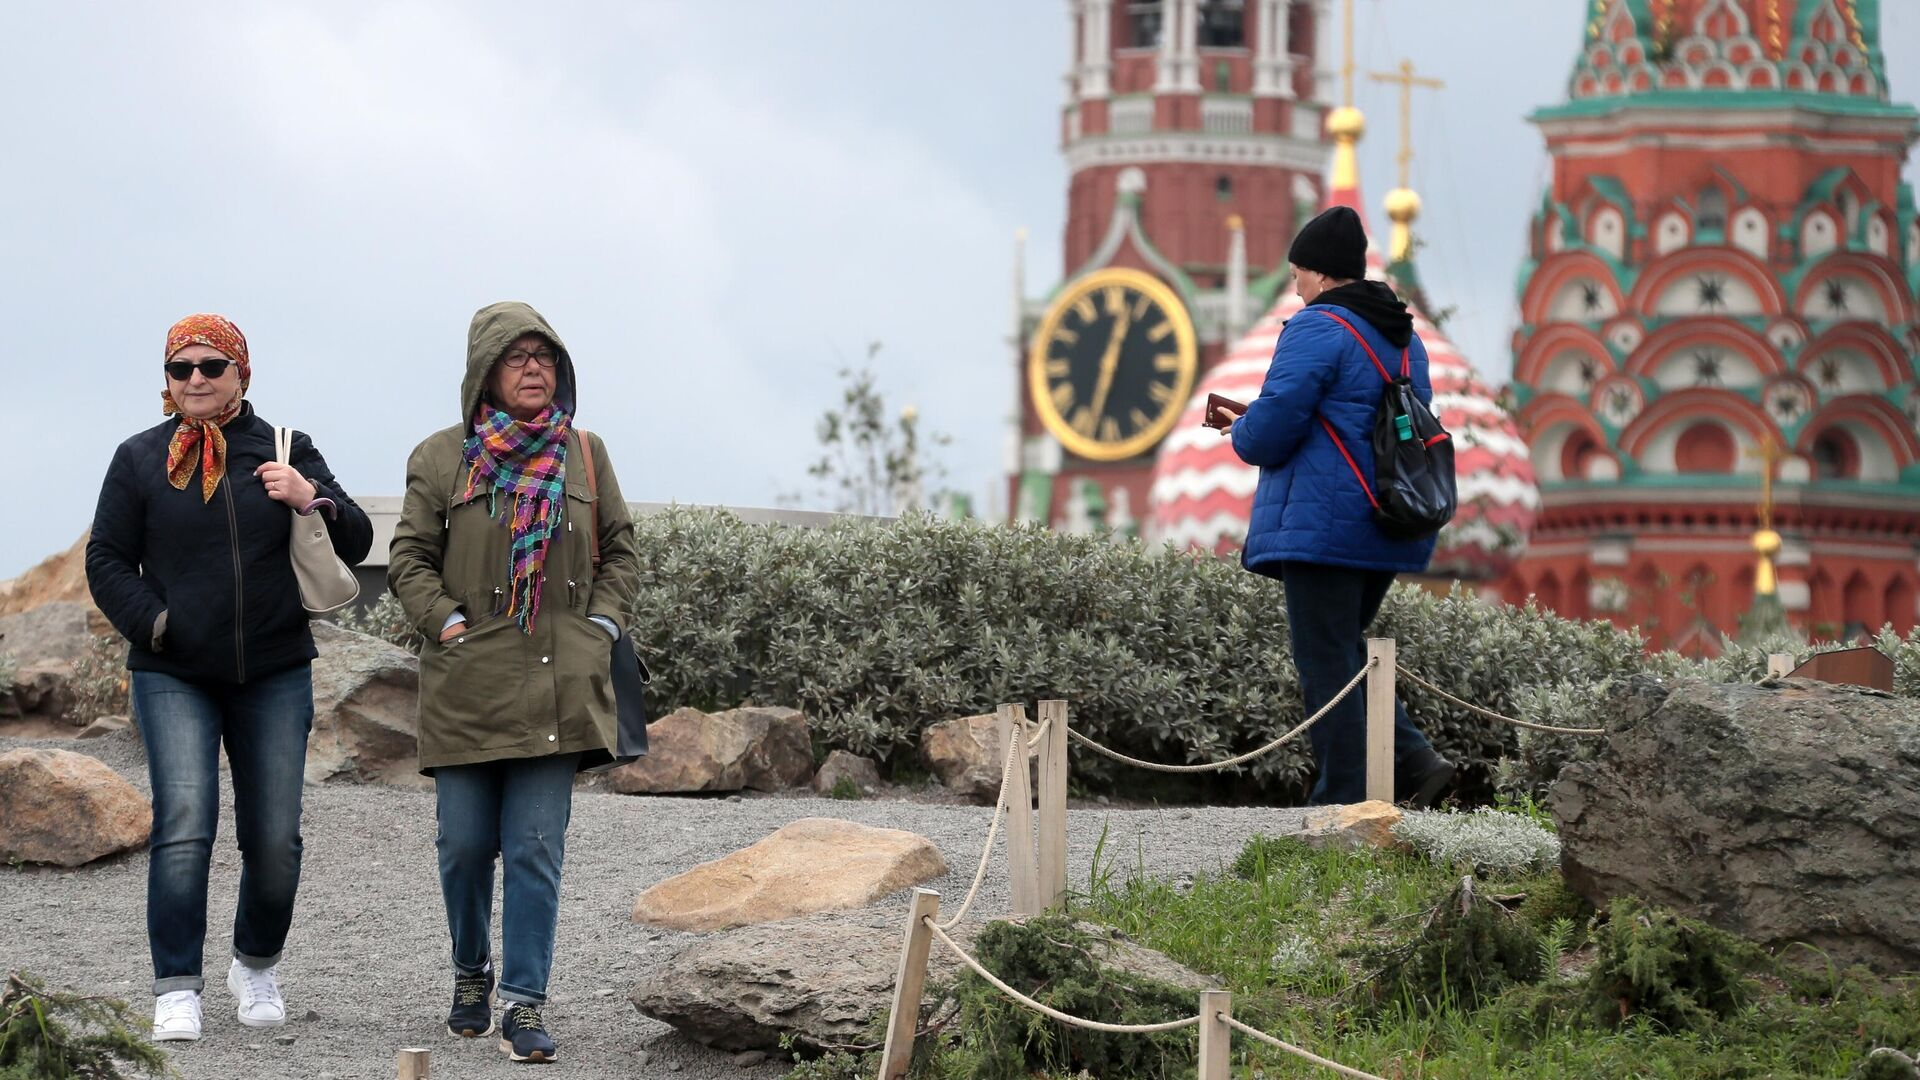 Жители Москвы, одетые в теплые осенние куртки, в парке Зарядье - РИА Новости, 1920, 11.10.2021